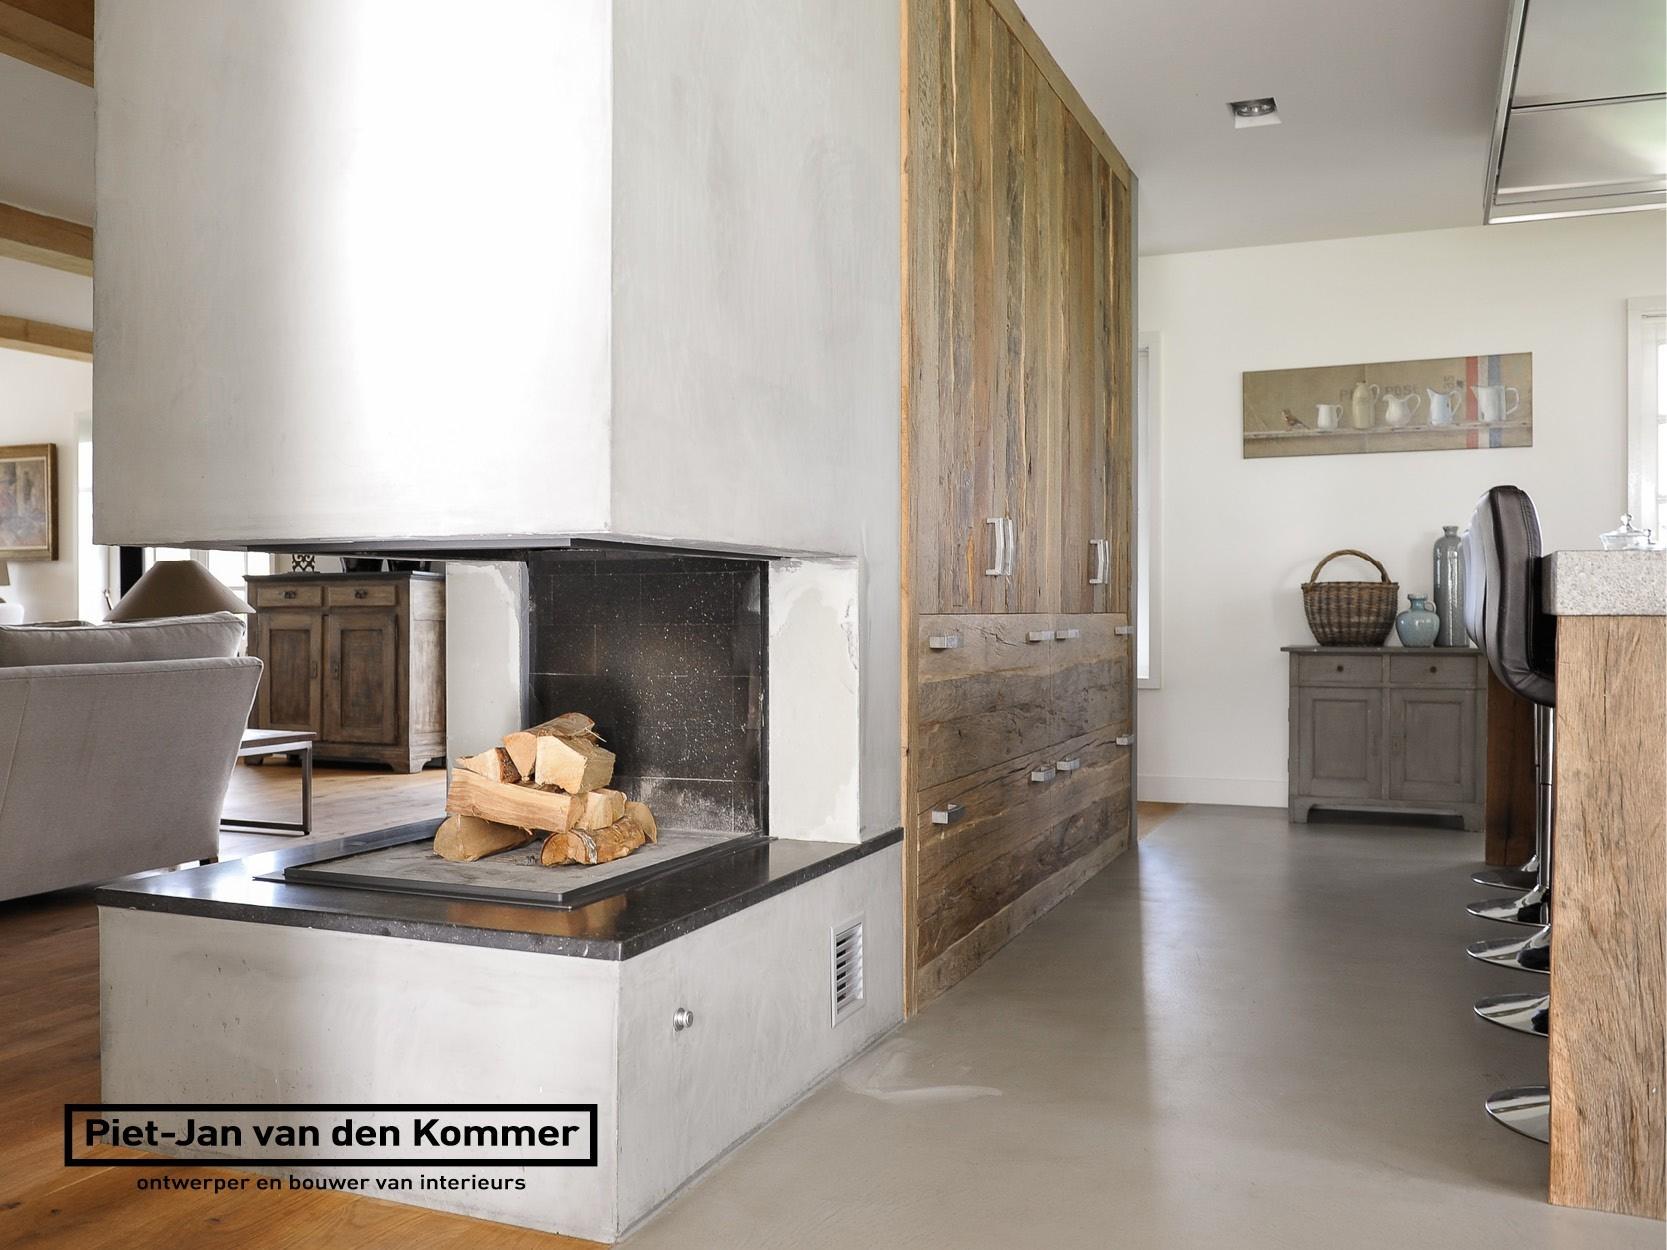 Openhaard In Woonkamer : Luxe woonboerderij piet jan van den kommer openhaard keuken